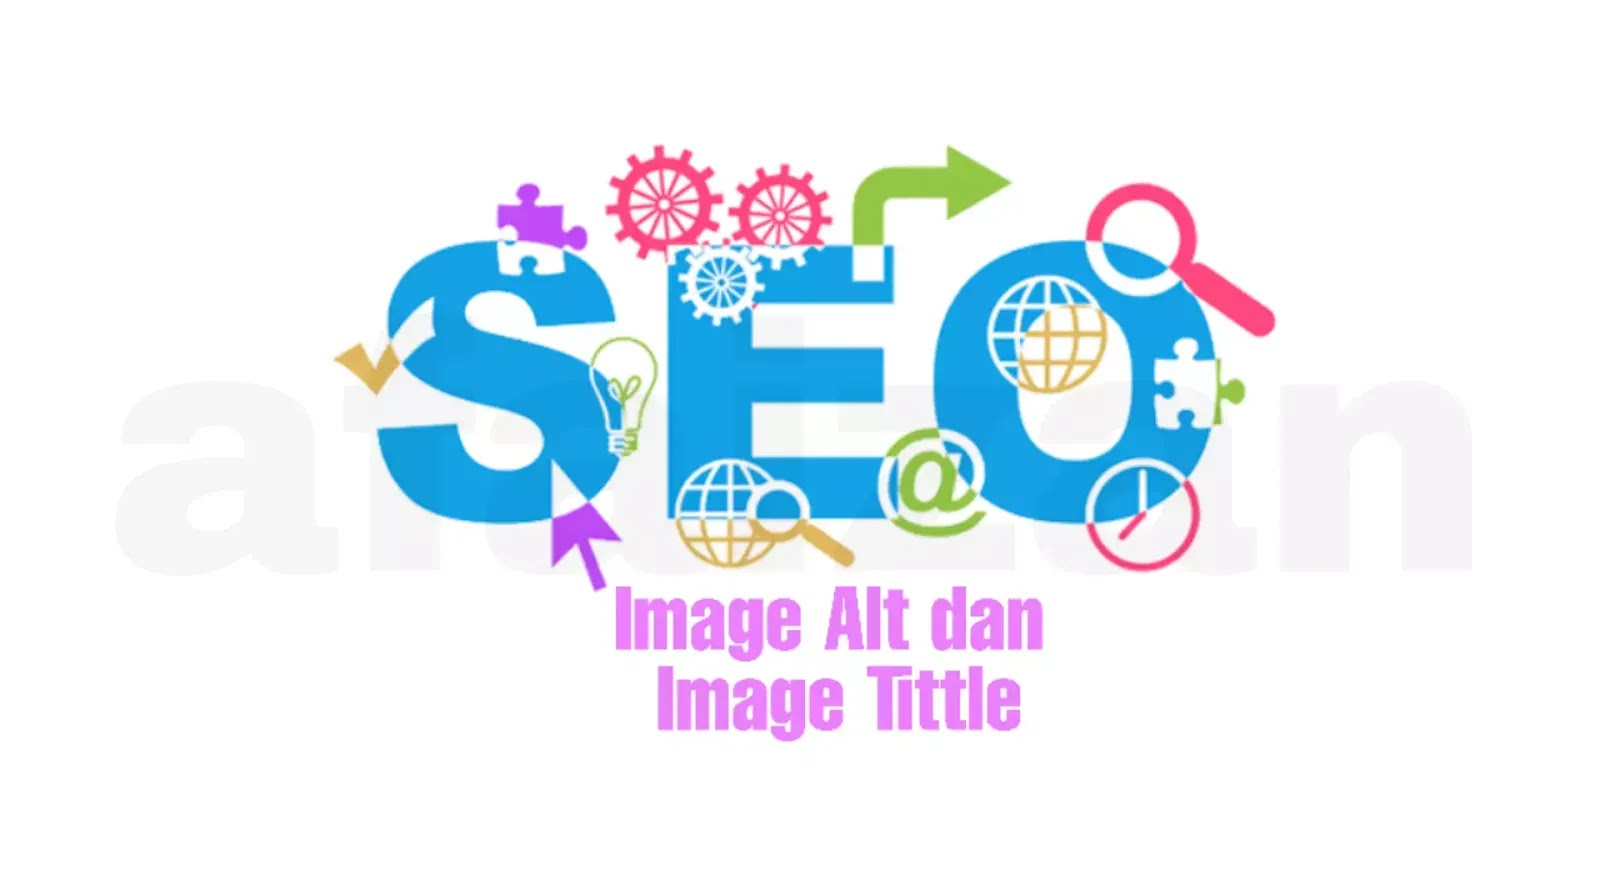 Meningkatkan traffik Blog dengan Image Alt dan Image Tittle